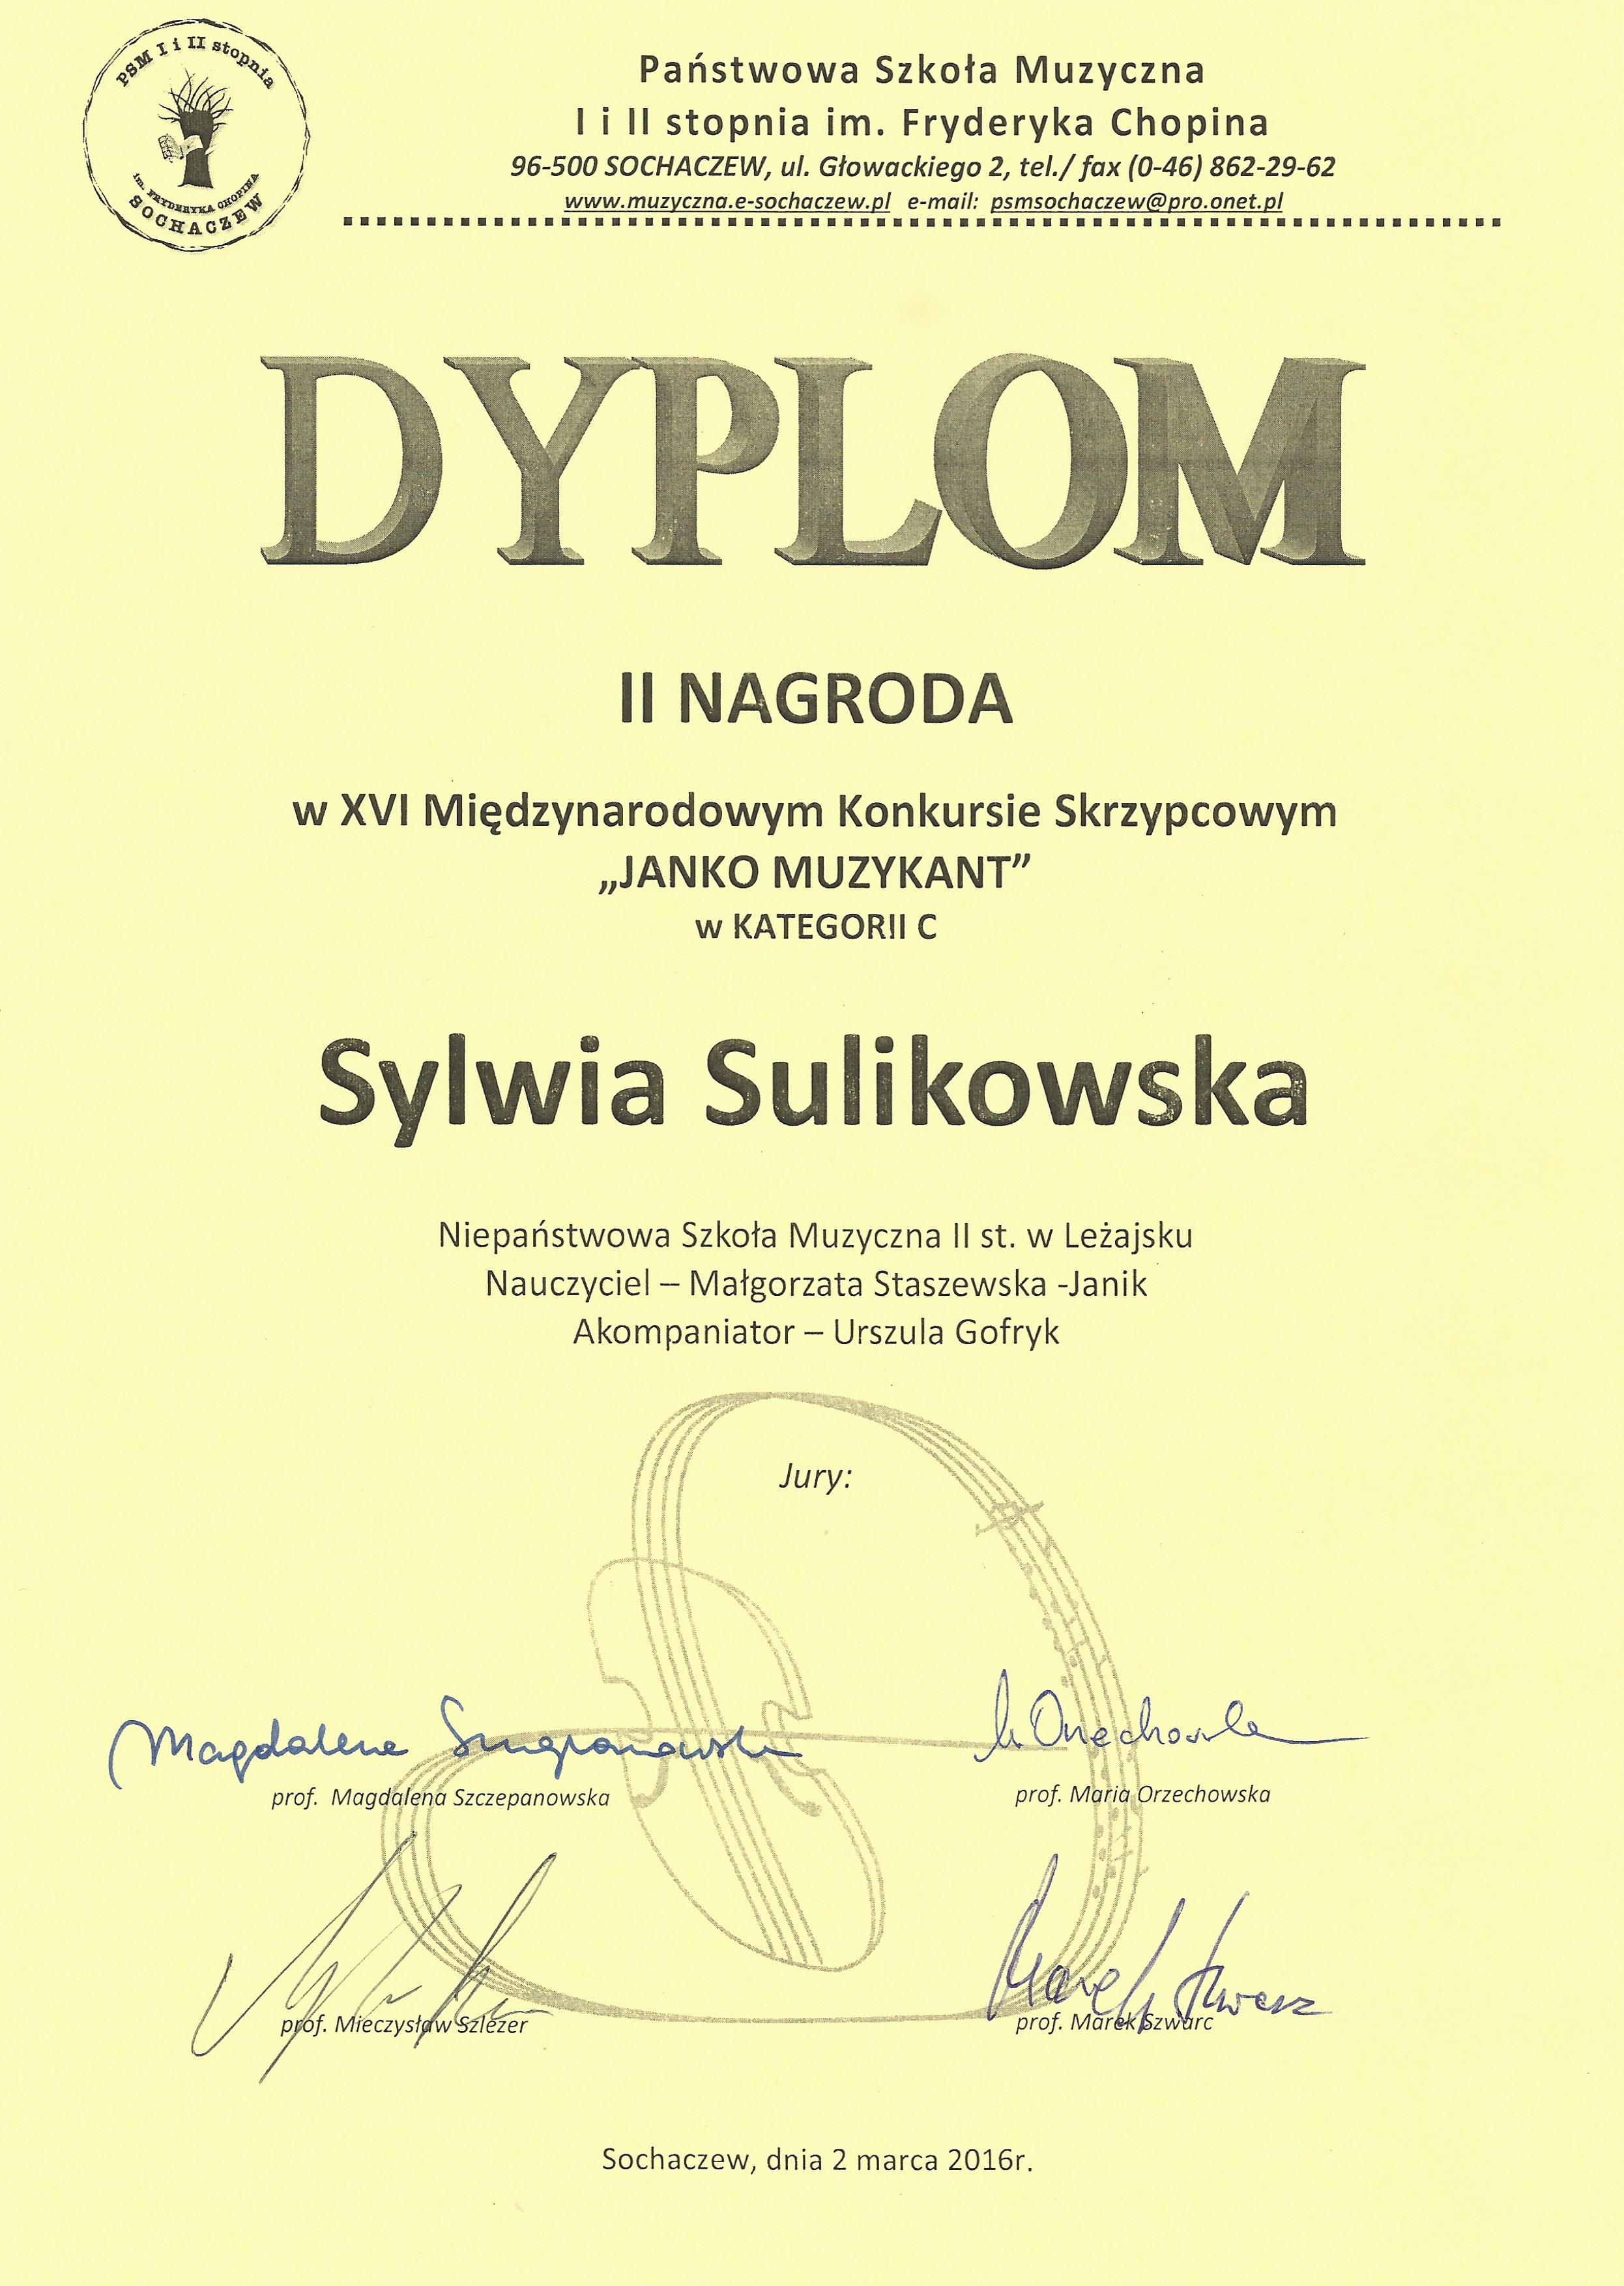 Sylwia Sulikowska - Sochaczew